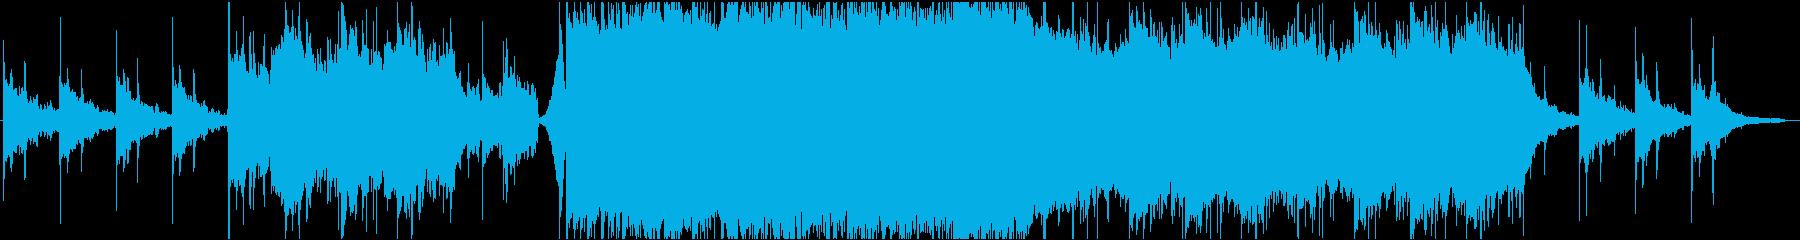 エモロック系インスト 幻想的な雰囲気の再生済みの波形